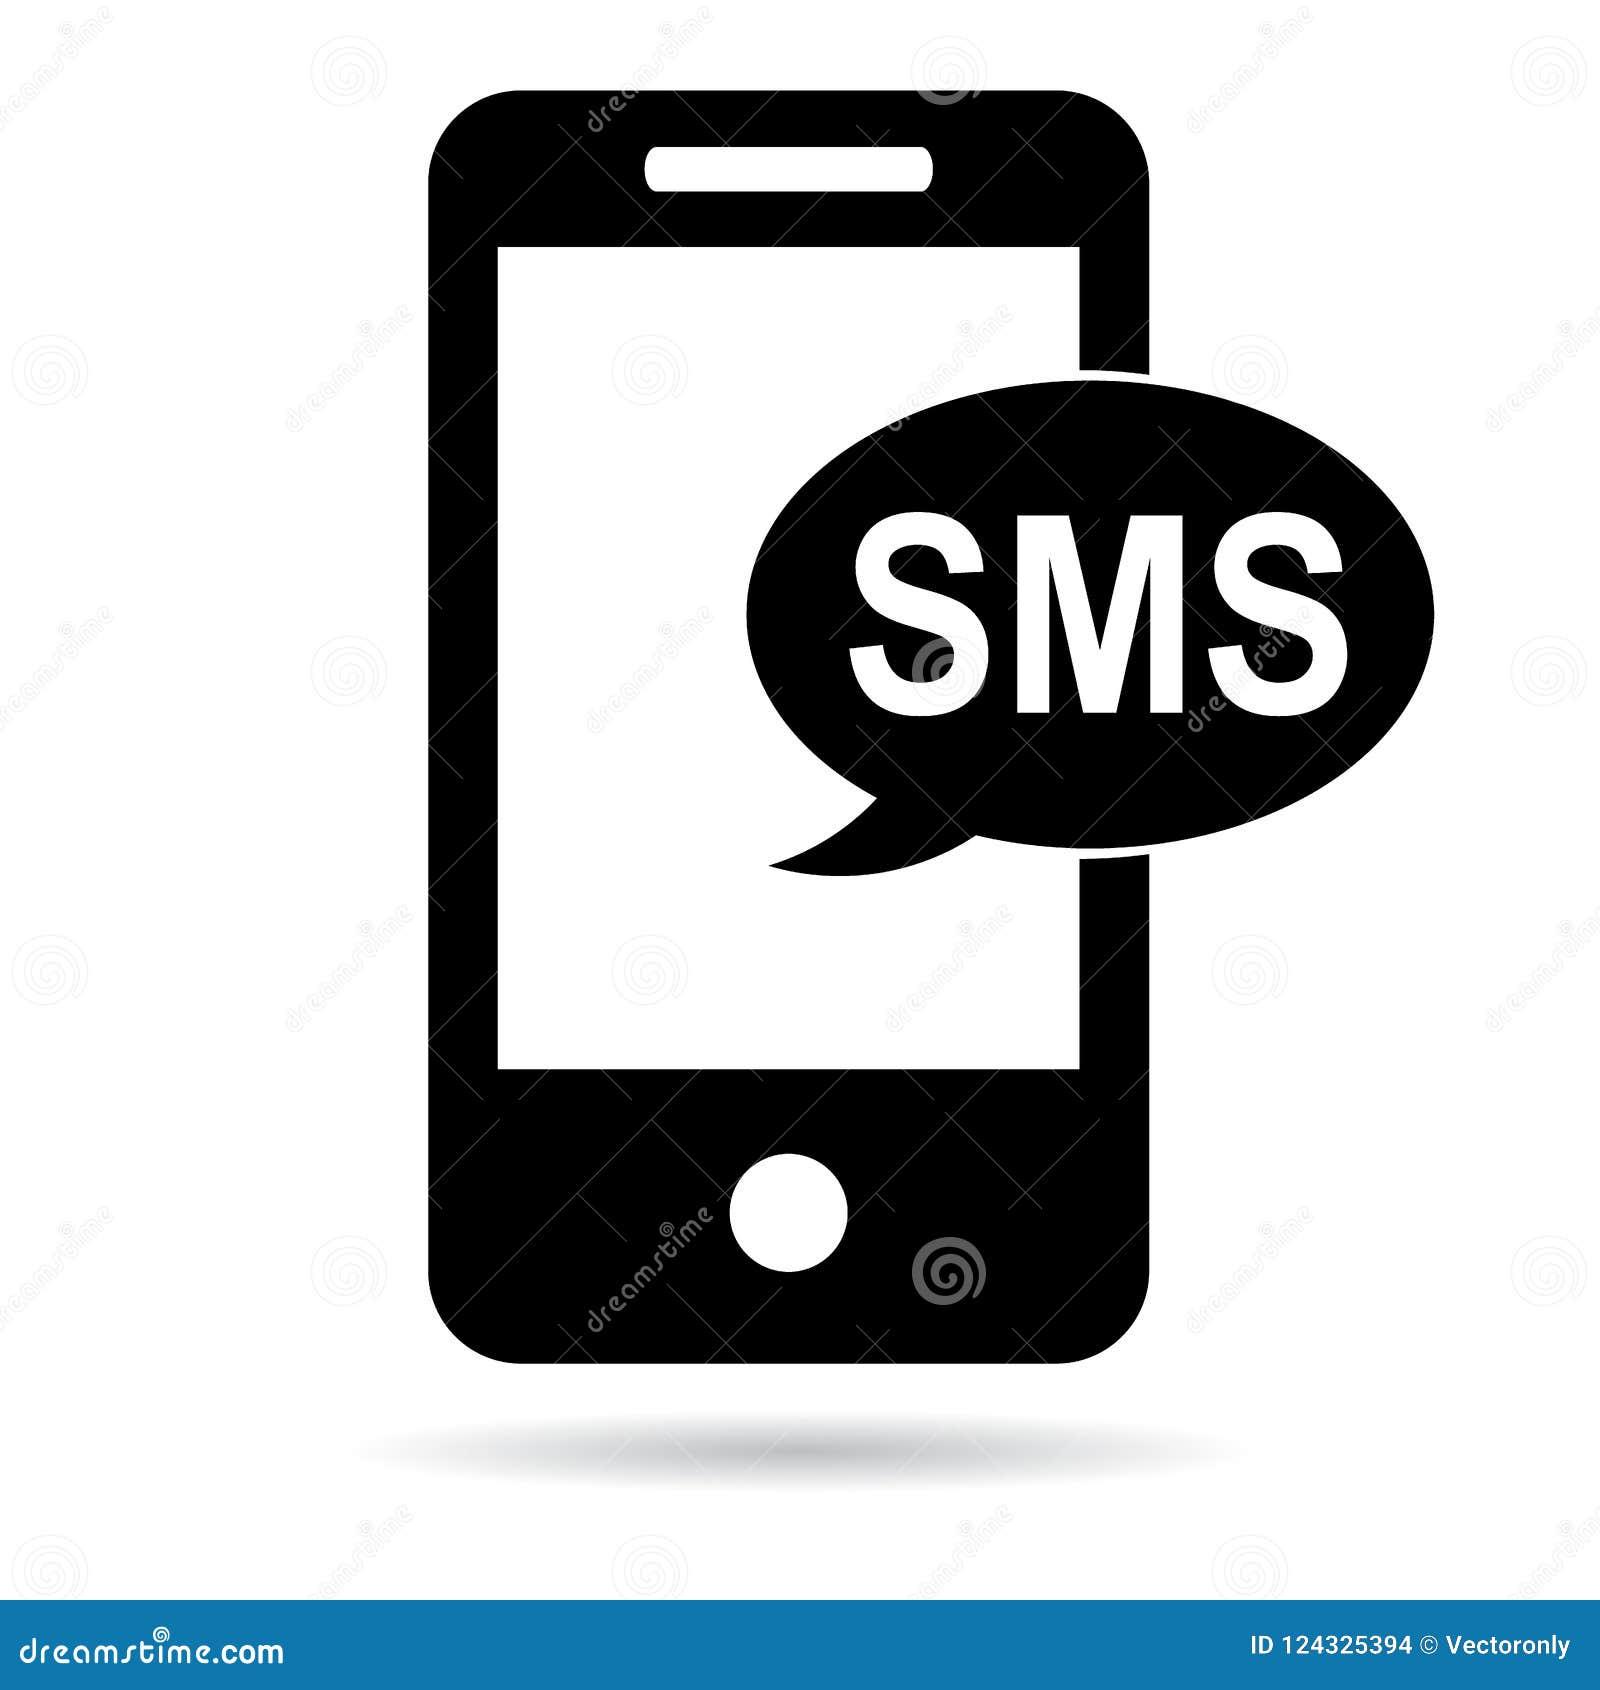 Sms icon black